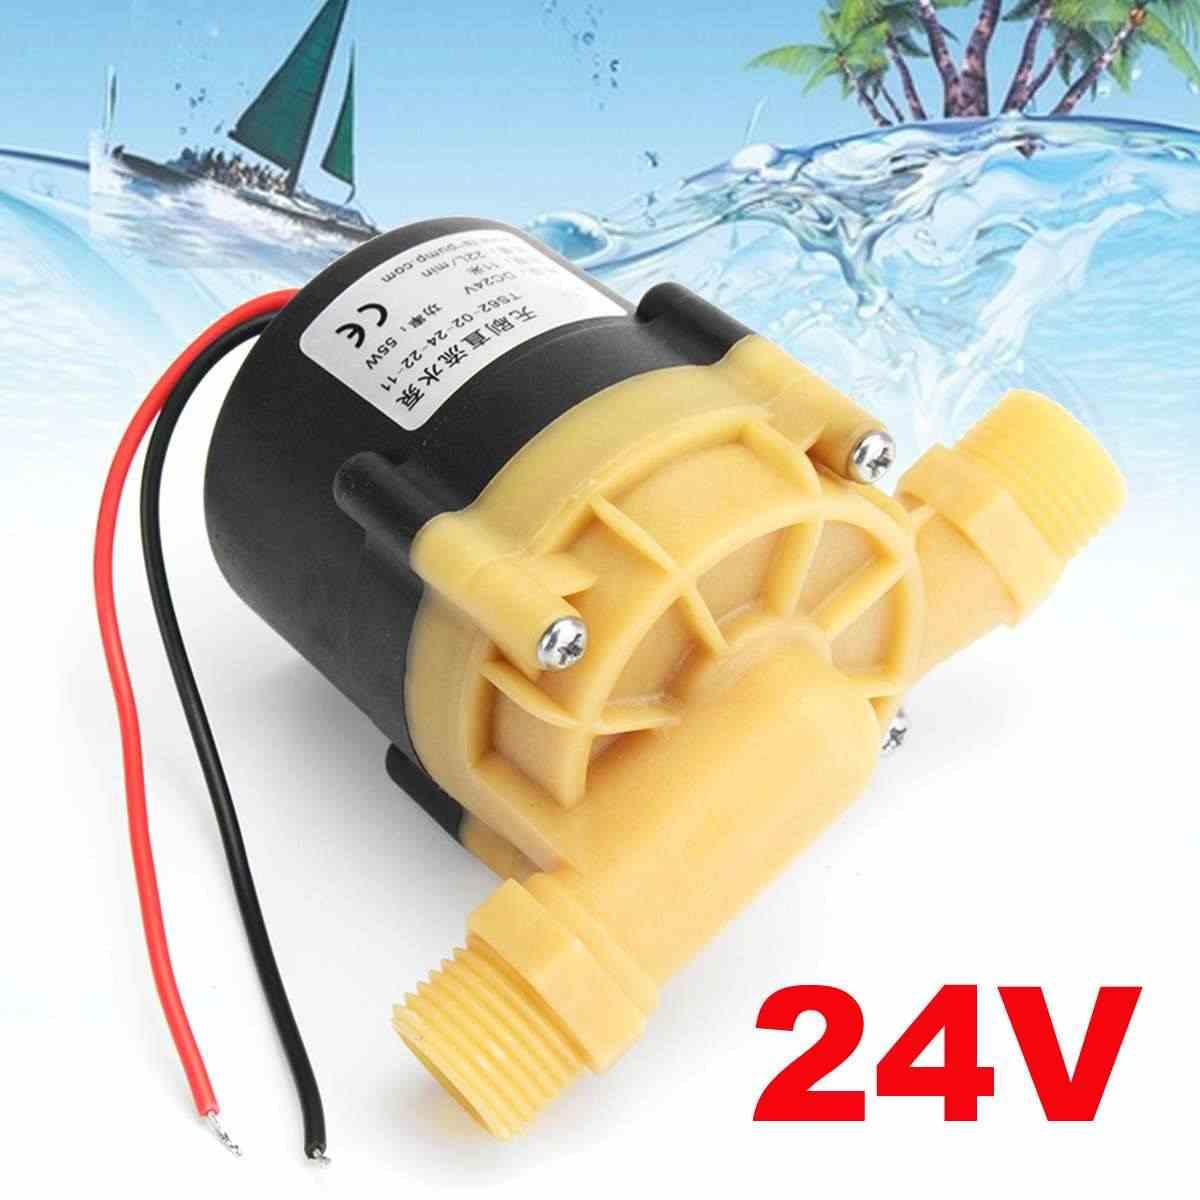 جديد فرش DC 24V 55W 22L/دقيقة مضخة مصغرة مضخة معززة 1.5A 11m ل مبرد المياه آلة و مصباح ليد مضخة